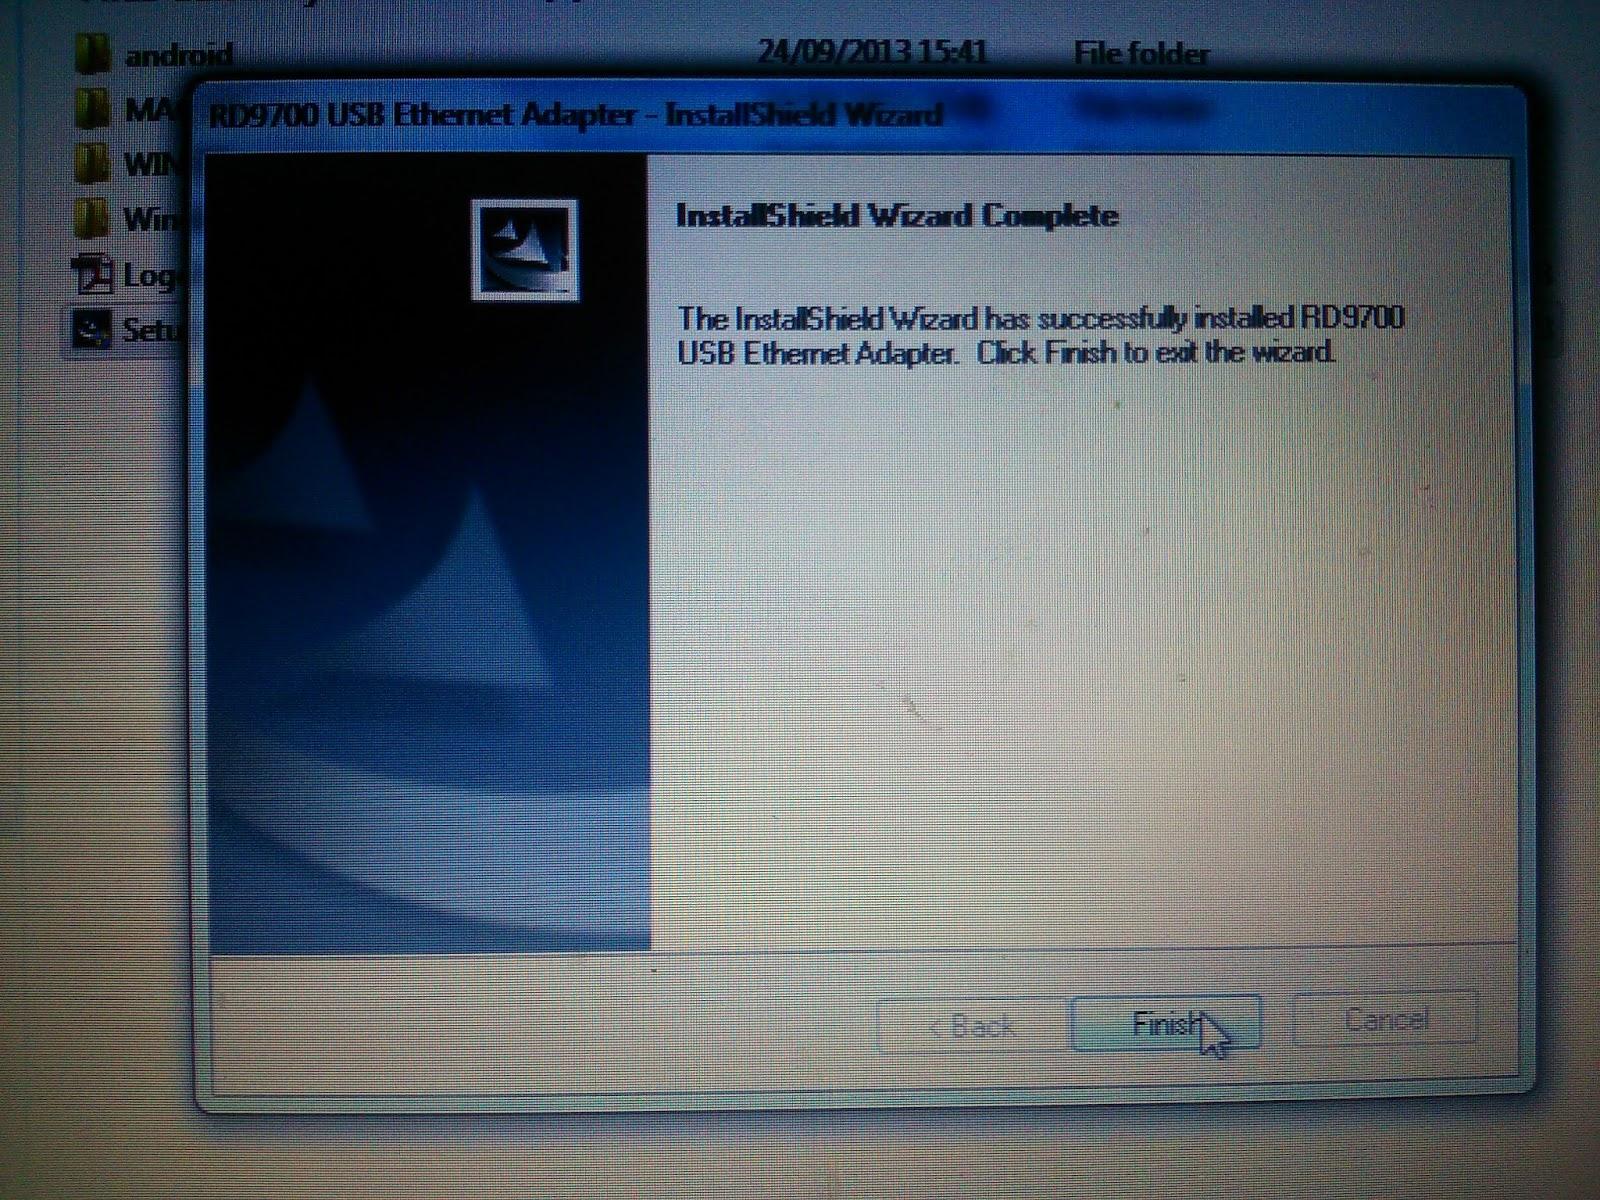 Cara Install Usb Lan Windows 7 To Netline 10 Maka Akan Muncul Seperti Tampilan Berikut Di Notife 11